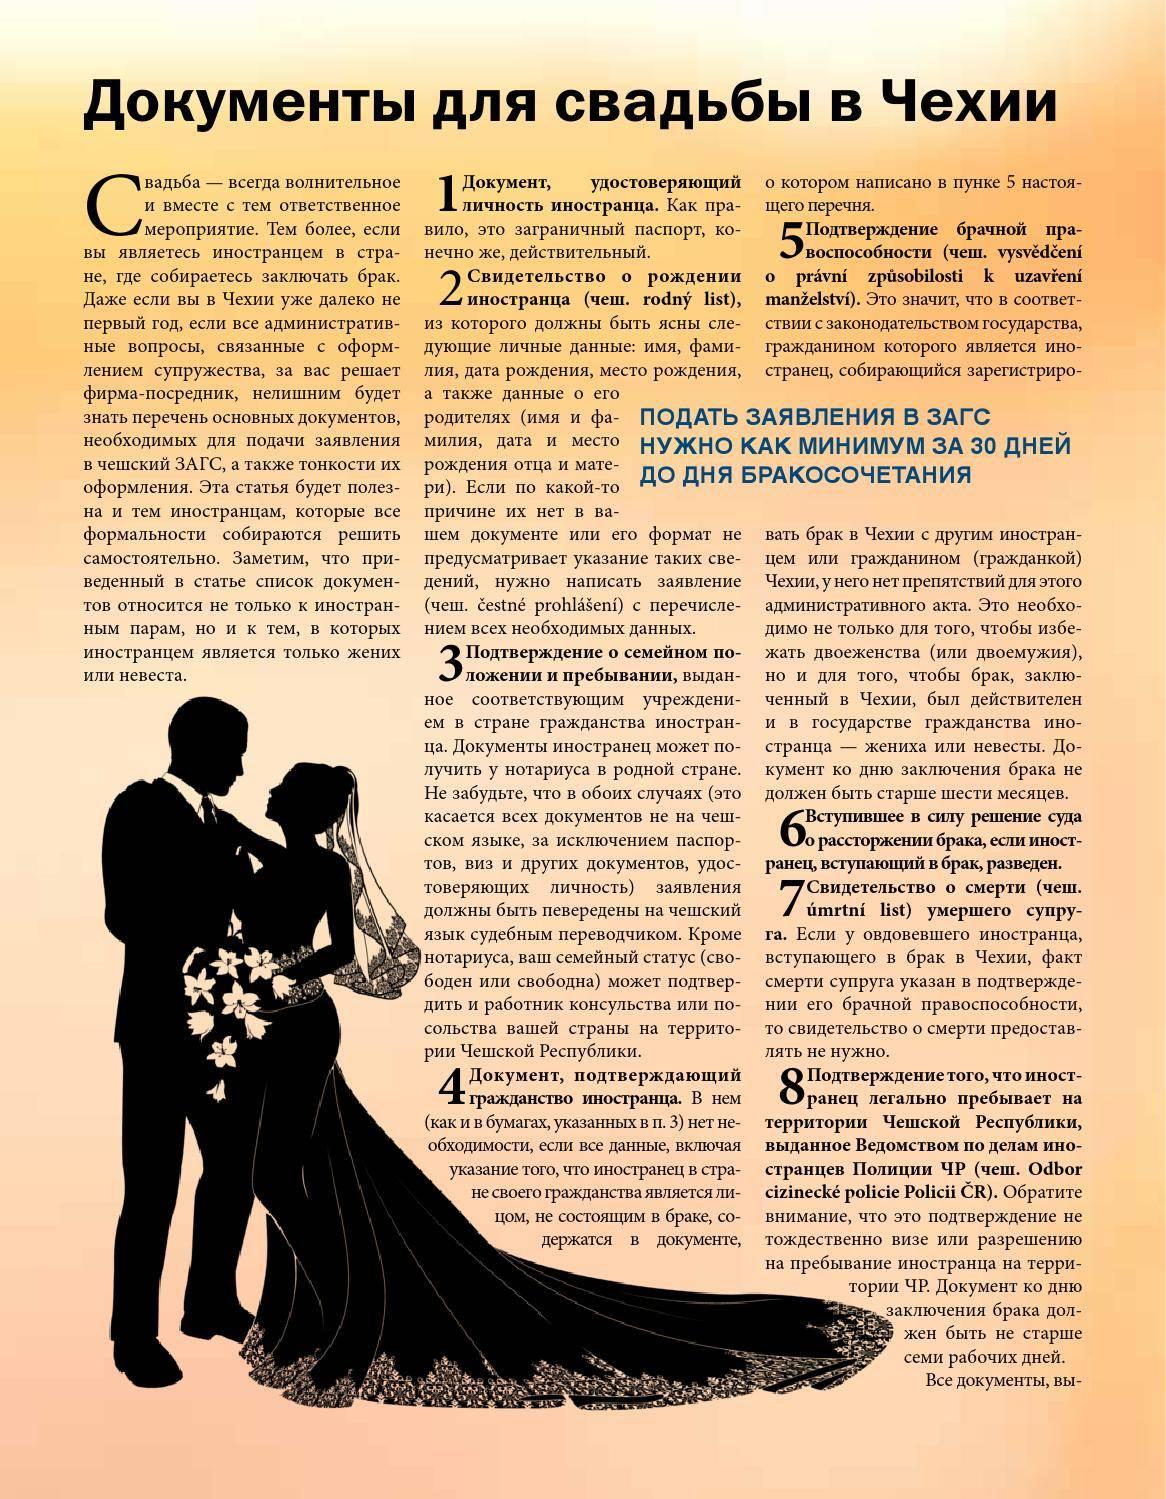 Брак в чехии: как провести свадьбу по-европейски – мигранту мир